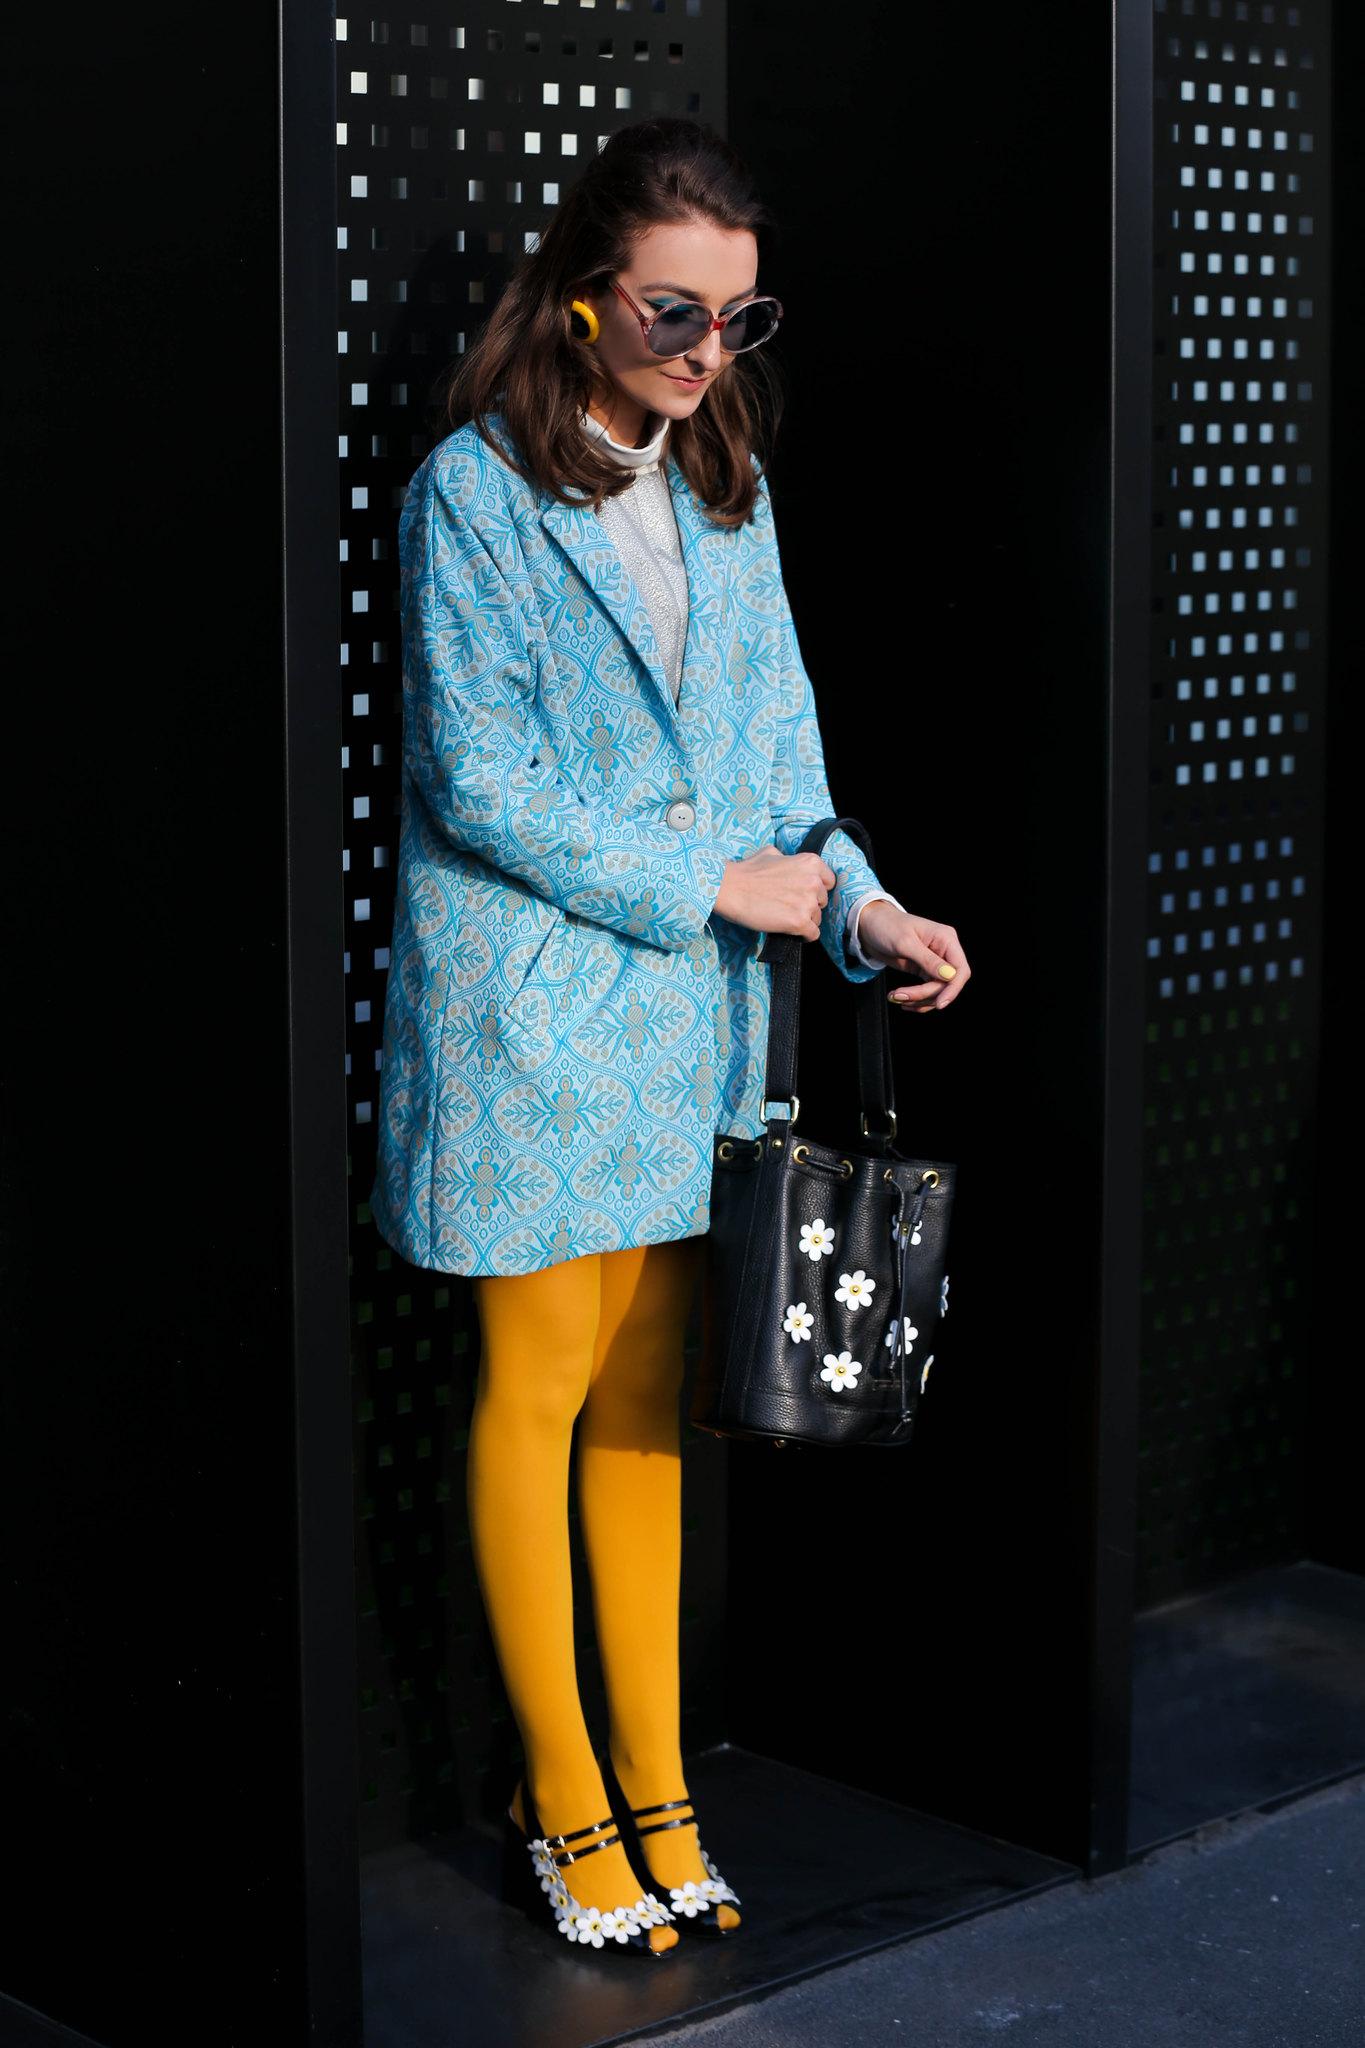 Cô gái phối đồ với tất chân màu vàng và áo khoác xanh